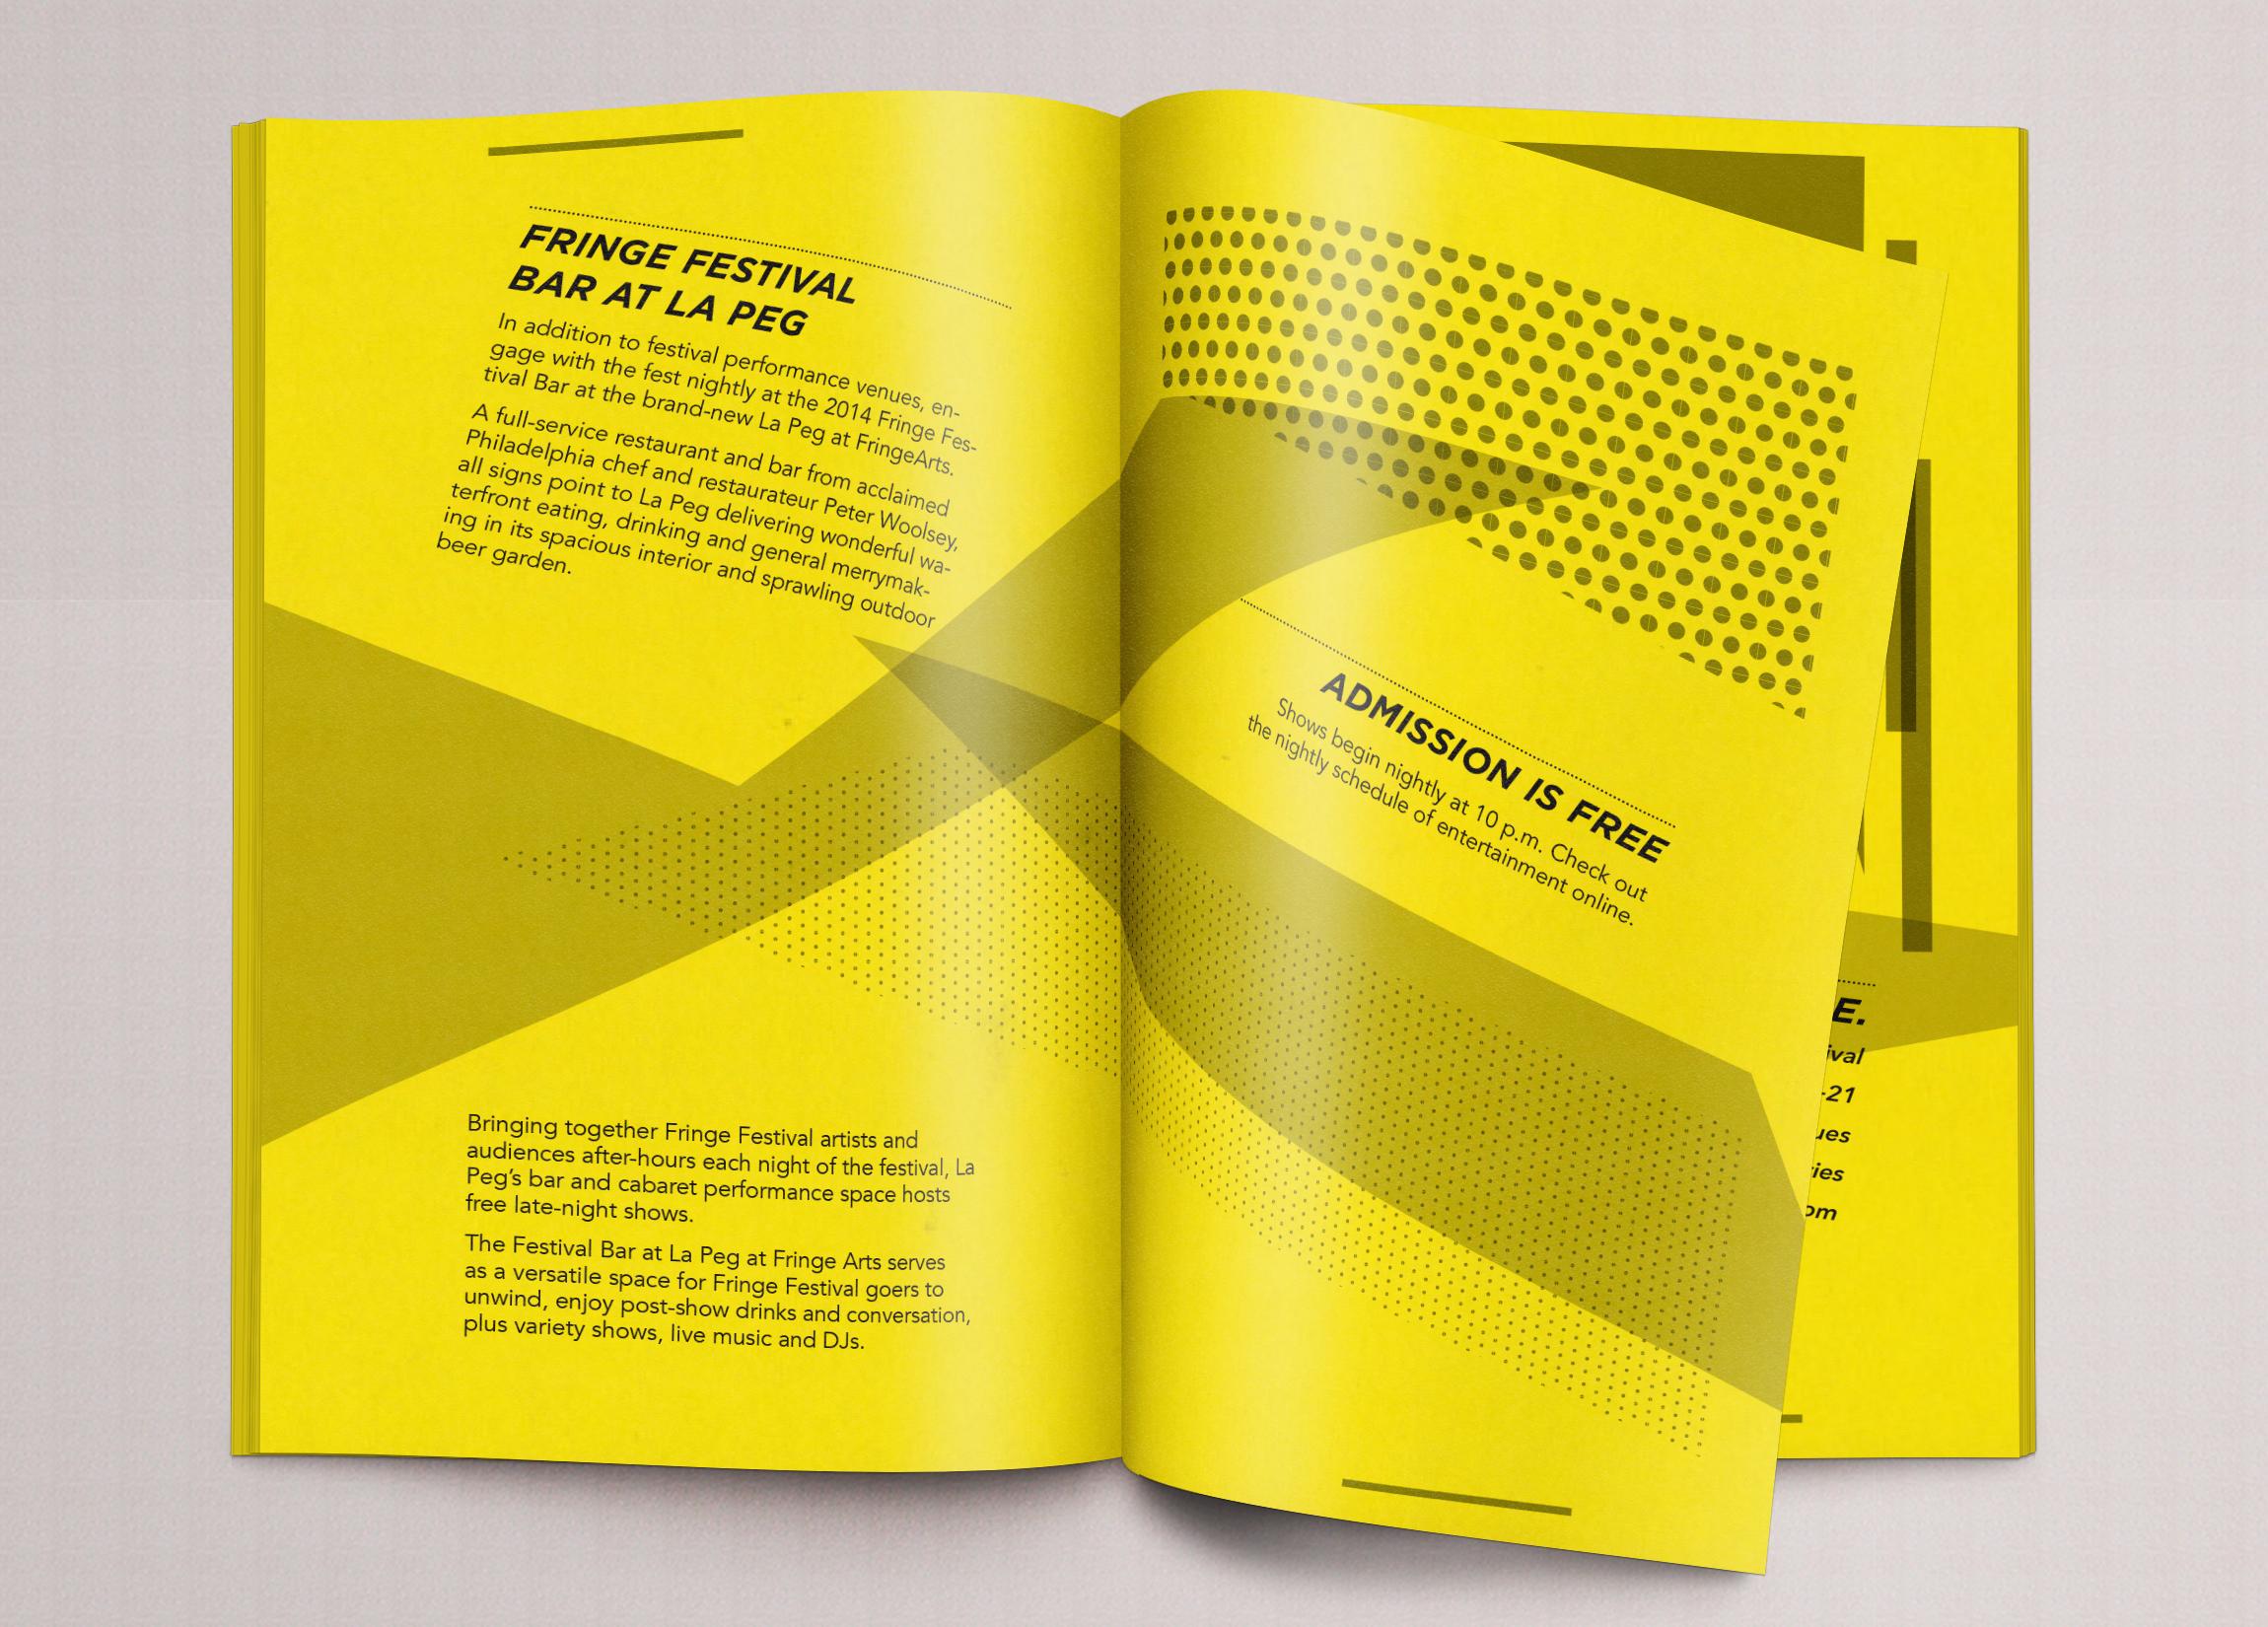 Philly Fringe_Photorealistic Magazine MockUp_spread9.1.jpg